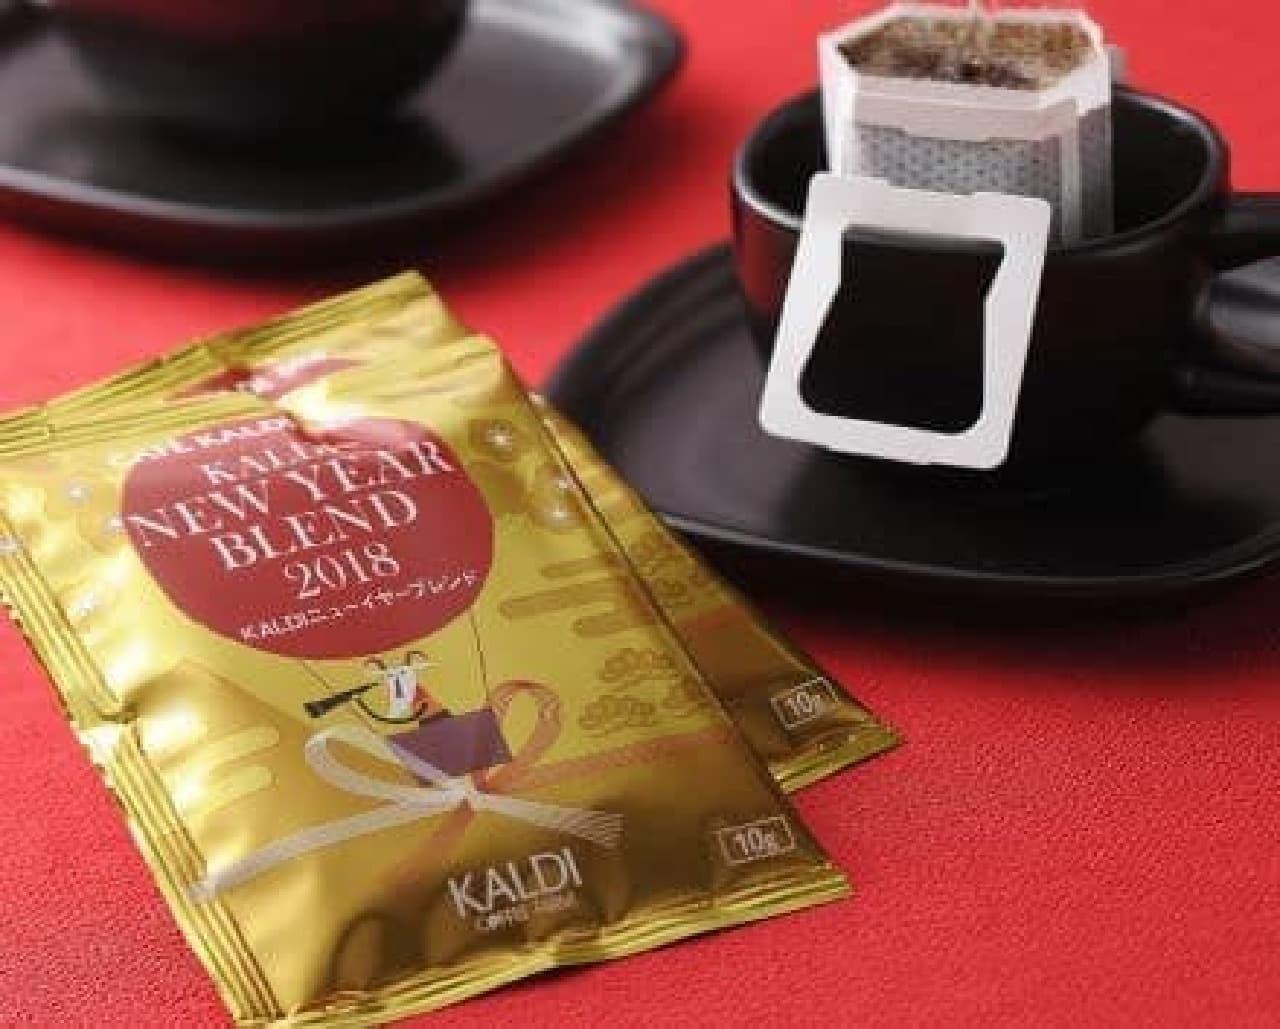 「カフェカルディ ドリップコーヒーKALDIニューイヤーブレンド」は、新年にふさわしい明るく鮮やかな香りが特徴の一杯